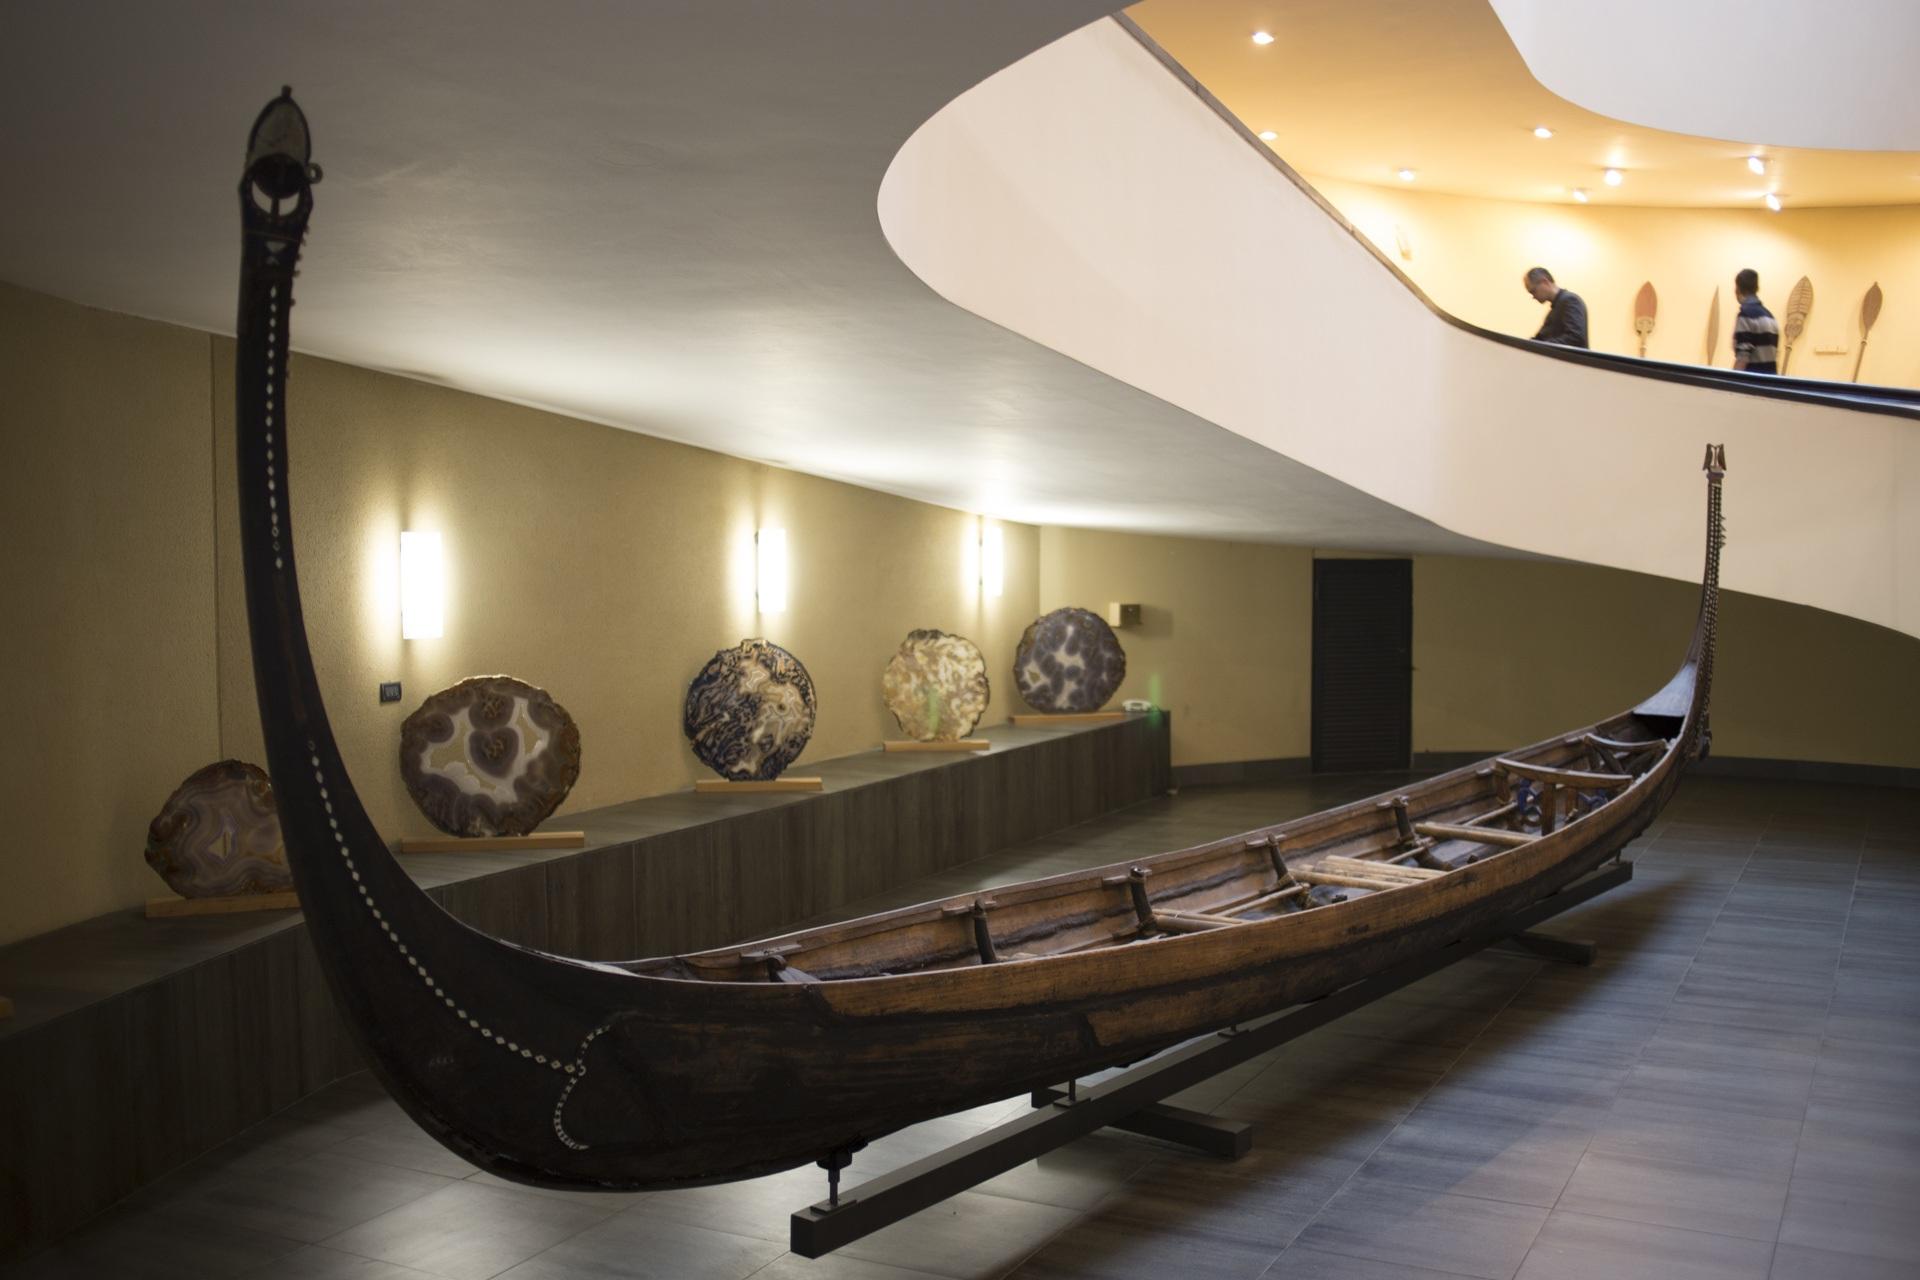 Innenarchitektur Yacht kostenlose foto boot schiff decke fahrzeug museum yacht